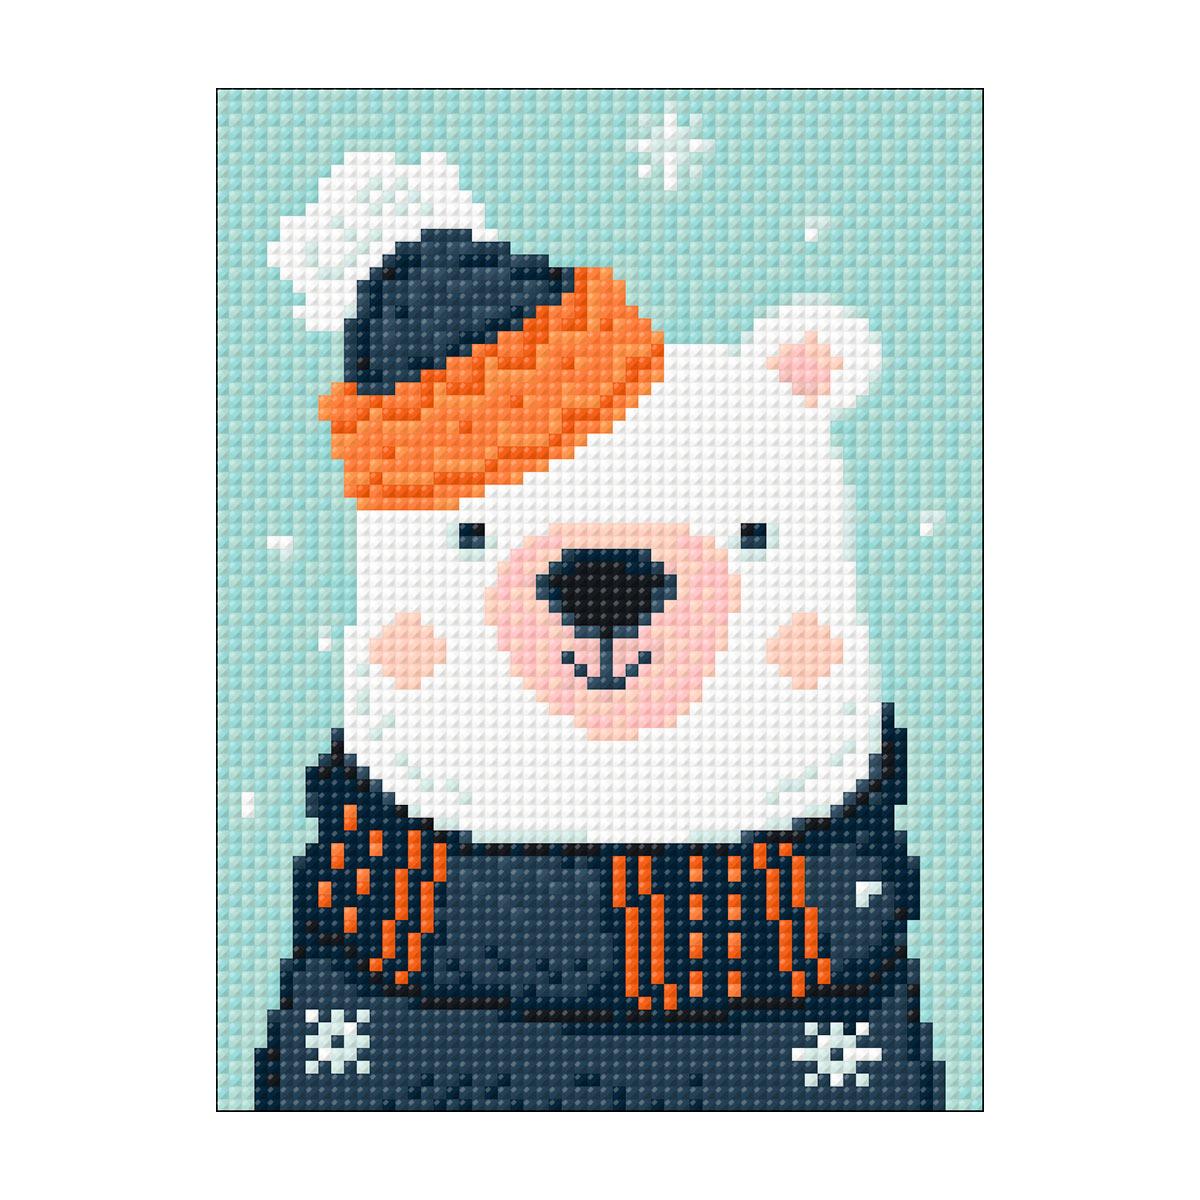 Ag 2531 Набор д/изготовления картин со стразами 'Снежный мишка' 15*20см Гранни